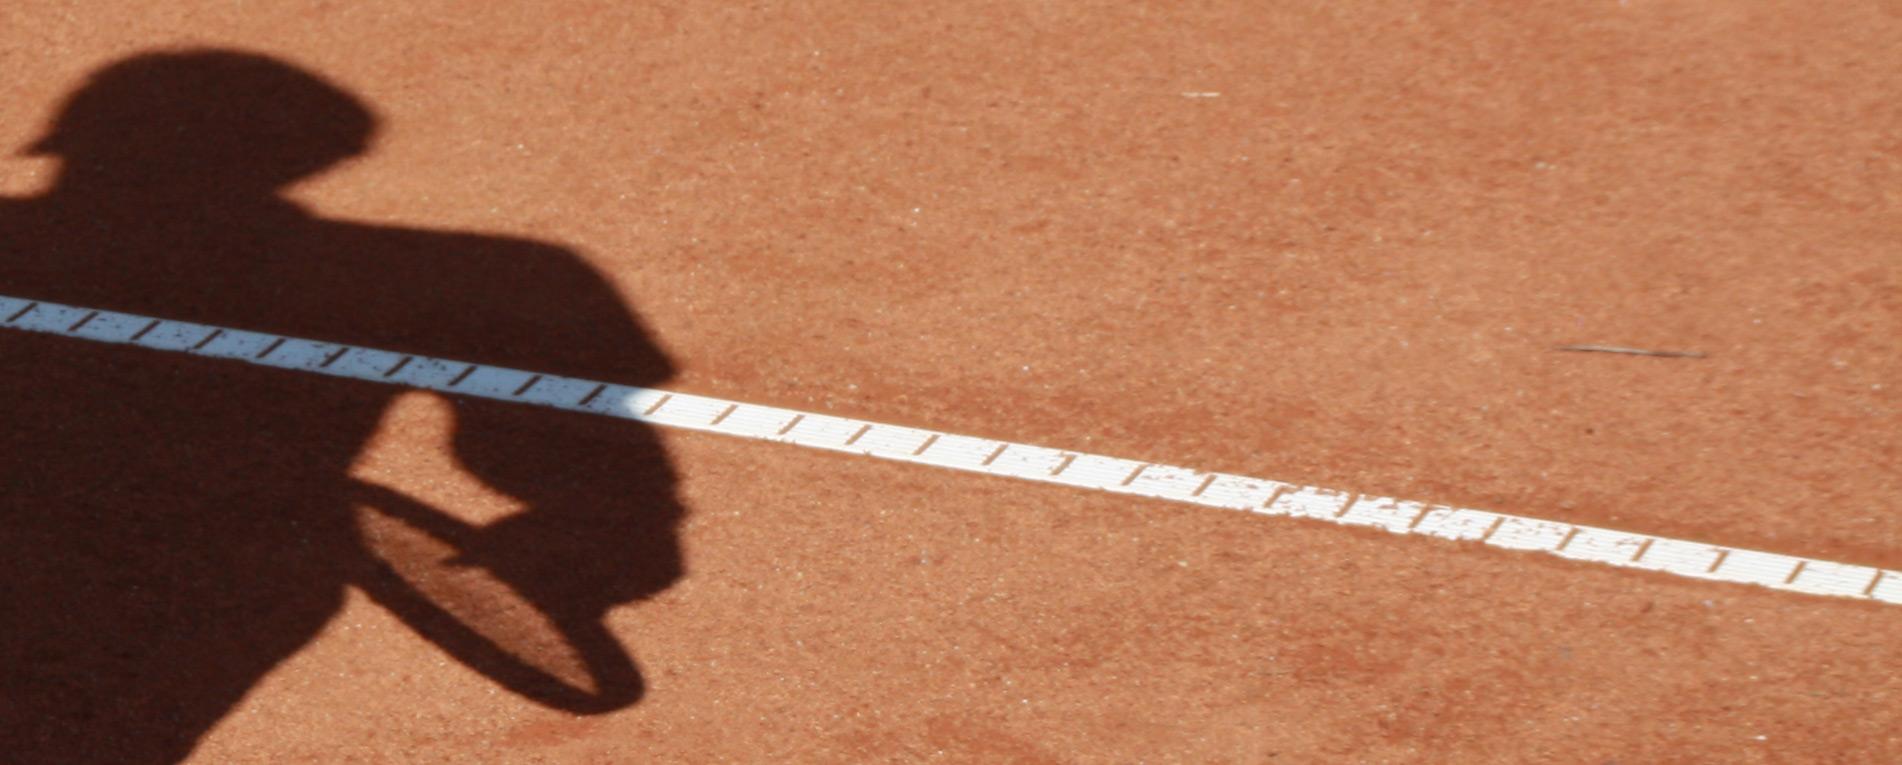 Tennis-Jugendtraining - Zeiten geändert!